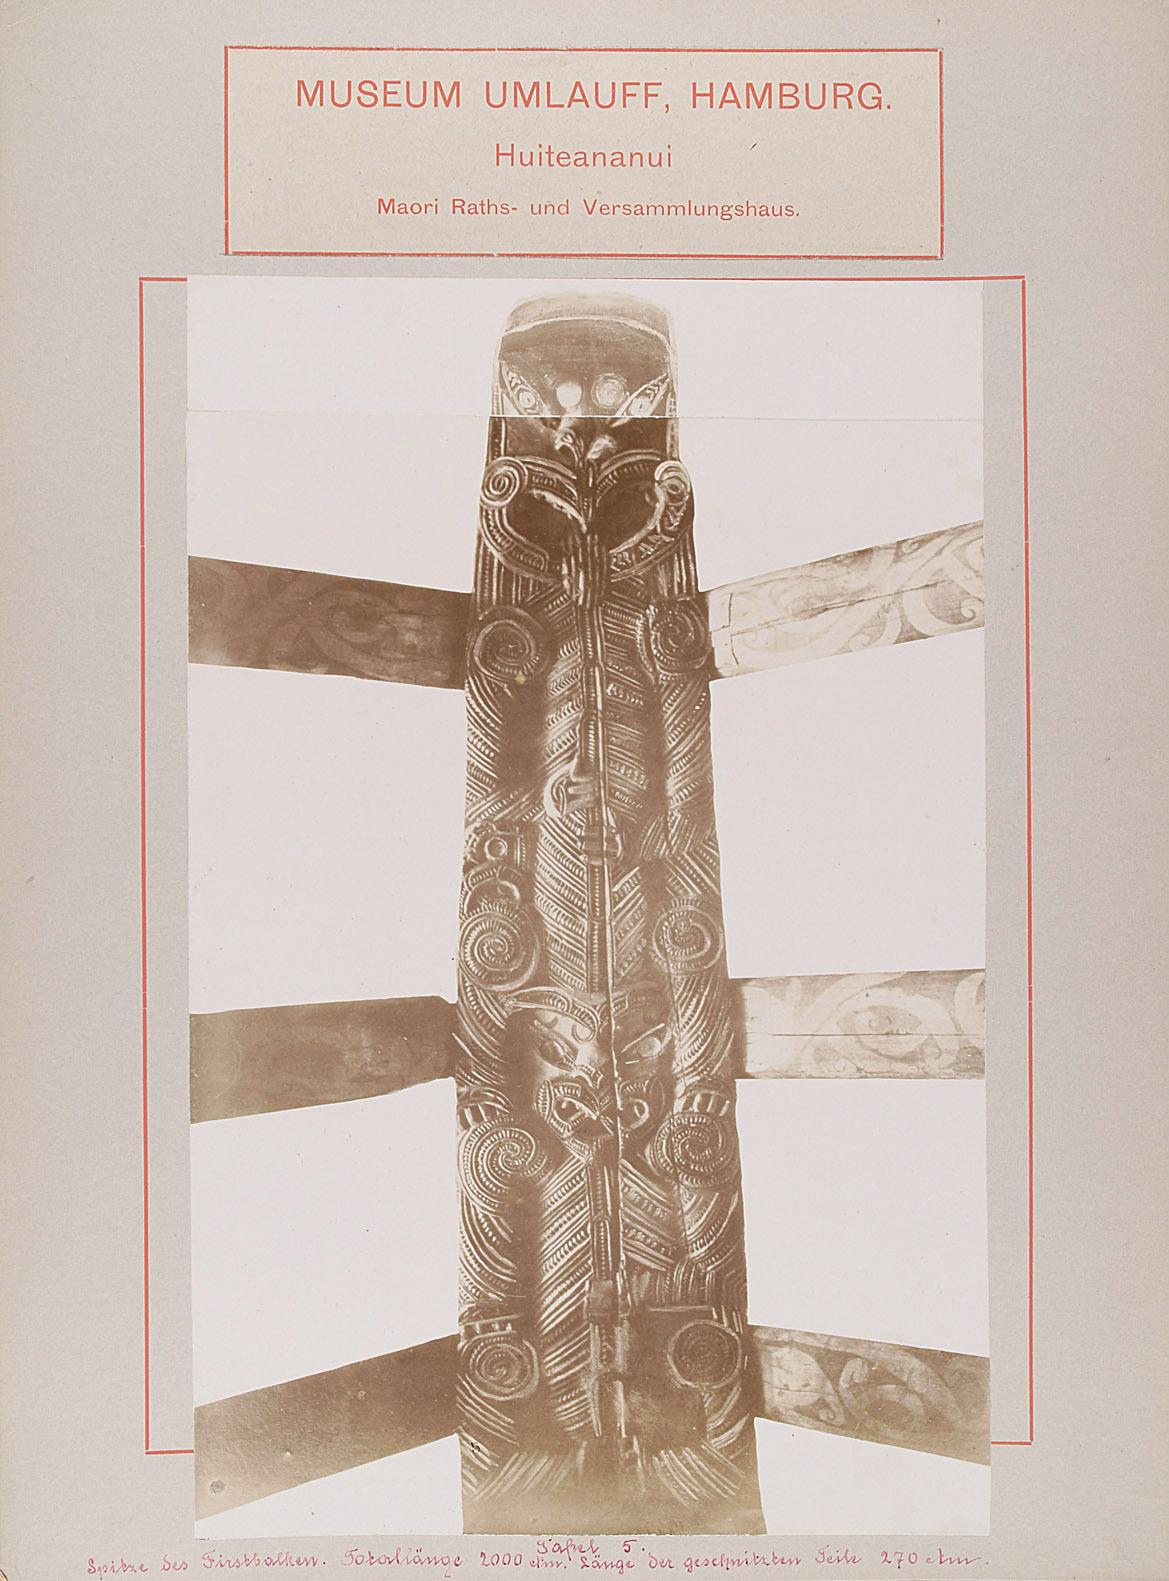 Museum Umlauff, Hamburg. Huiteananui, Maori Raths- und Versammlungshaus von anonym